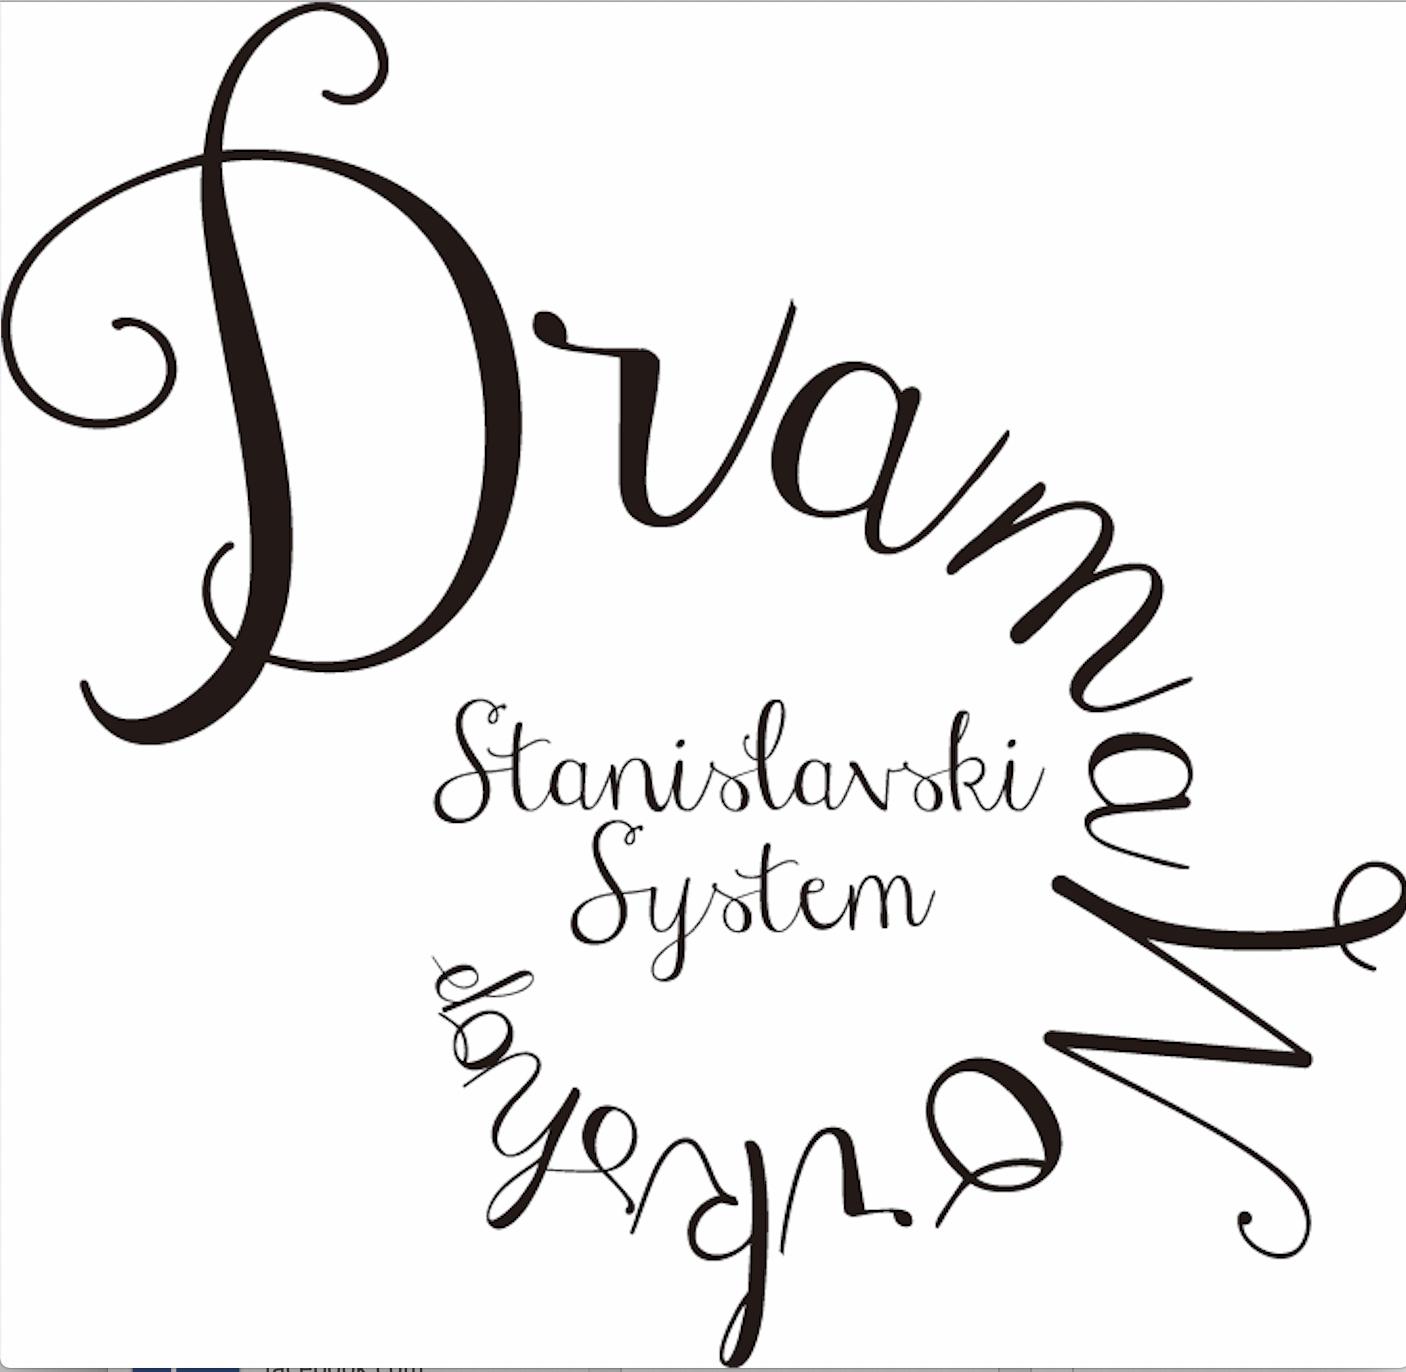 ドラマワークショップinスタニスラフスキー・システム2019・3/31_c0082534_16491485.jpg